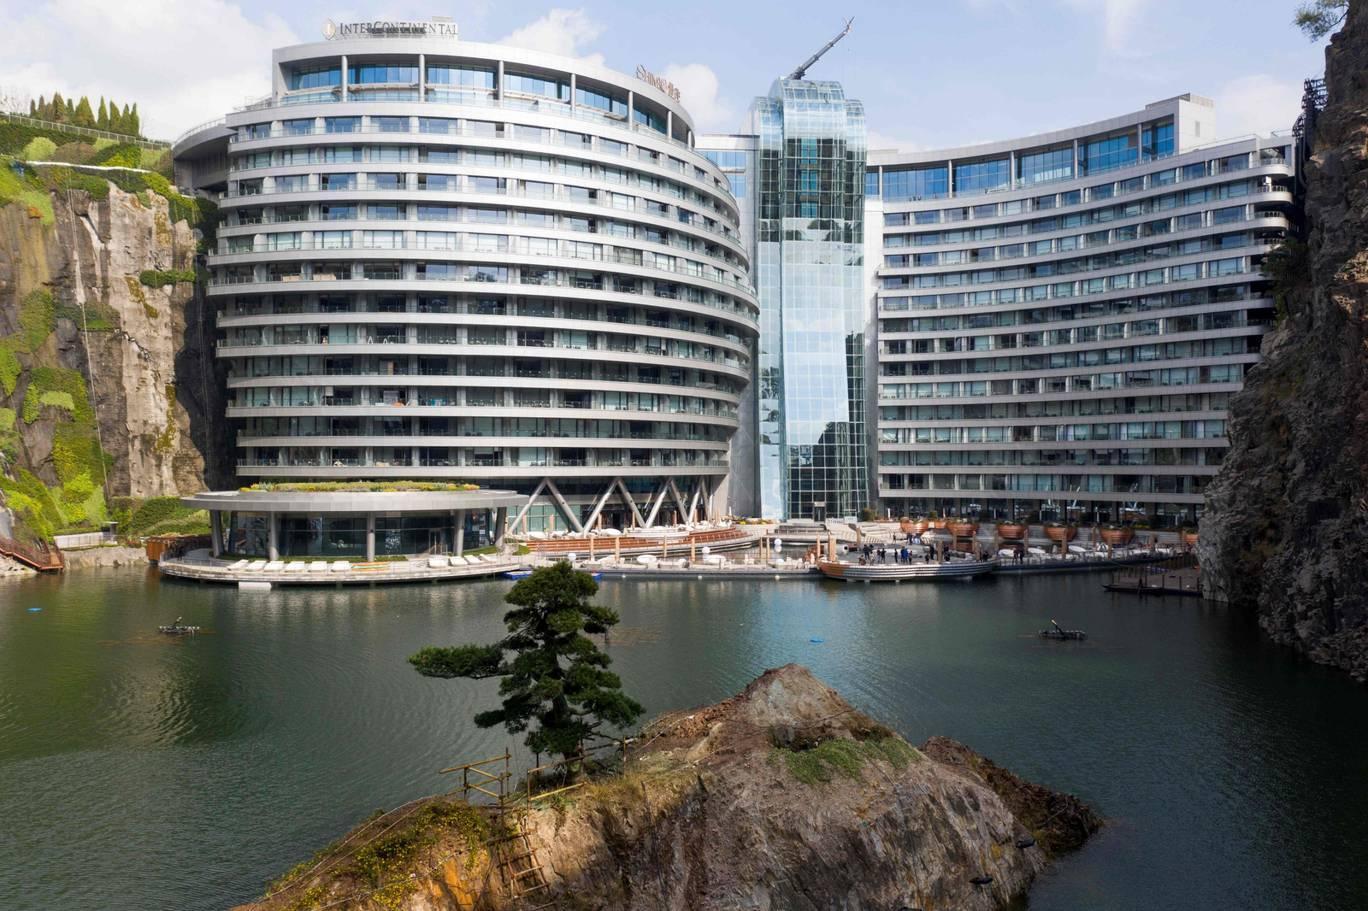 В Шанхае представили отель, высеченный в скале